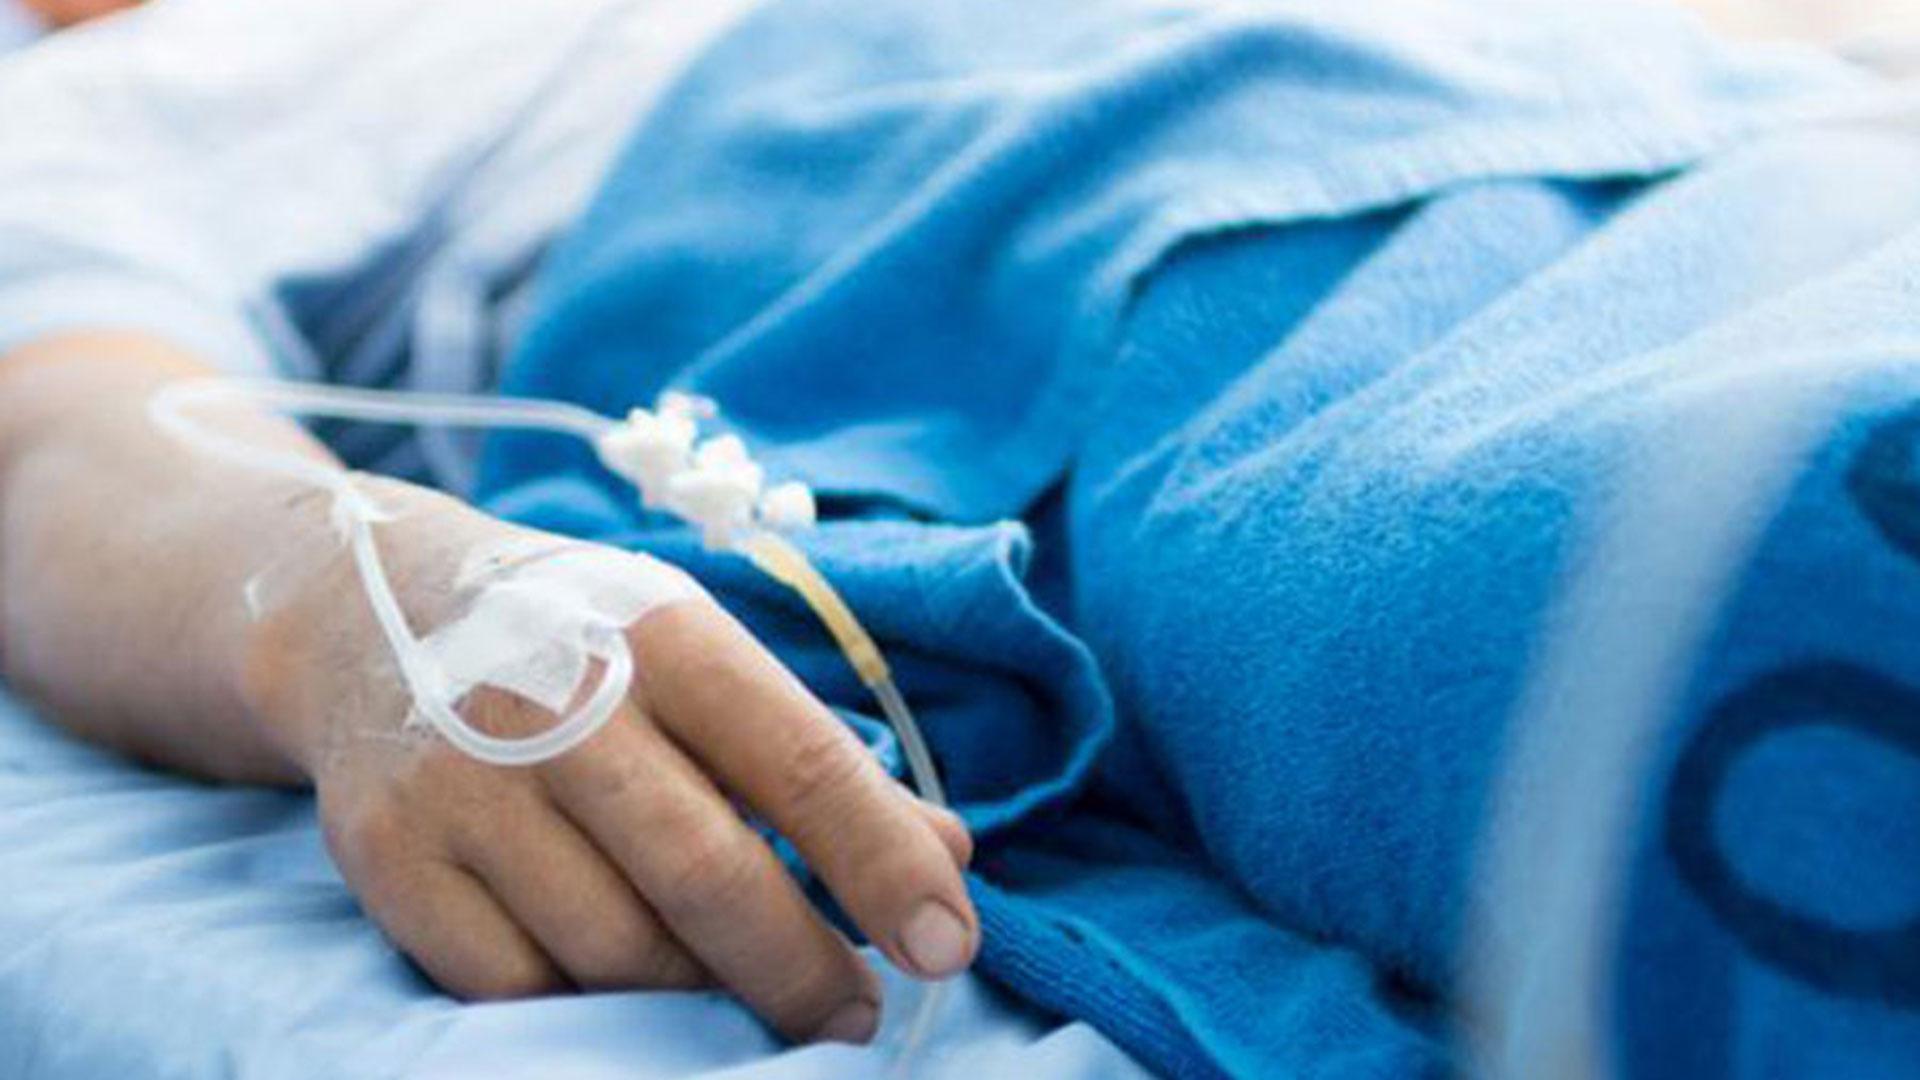 El tratamiento consta de la internación del paciente en una unidad de cuidados intensivos y se le aplica el suero Antitoxina botulínica